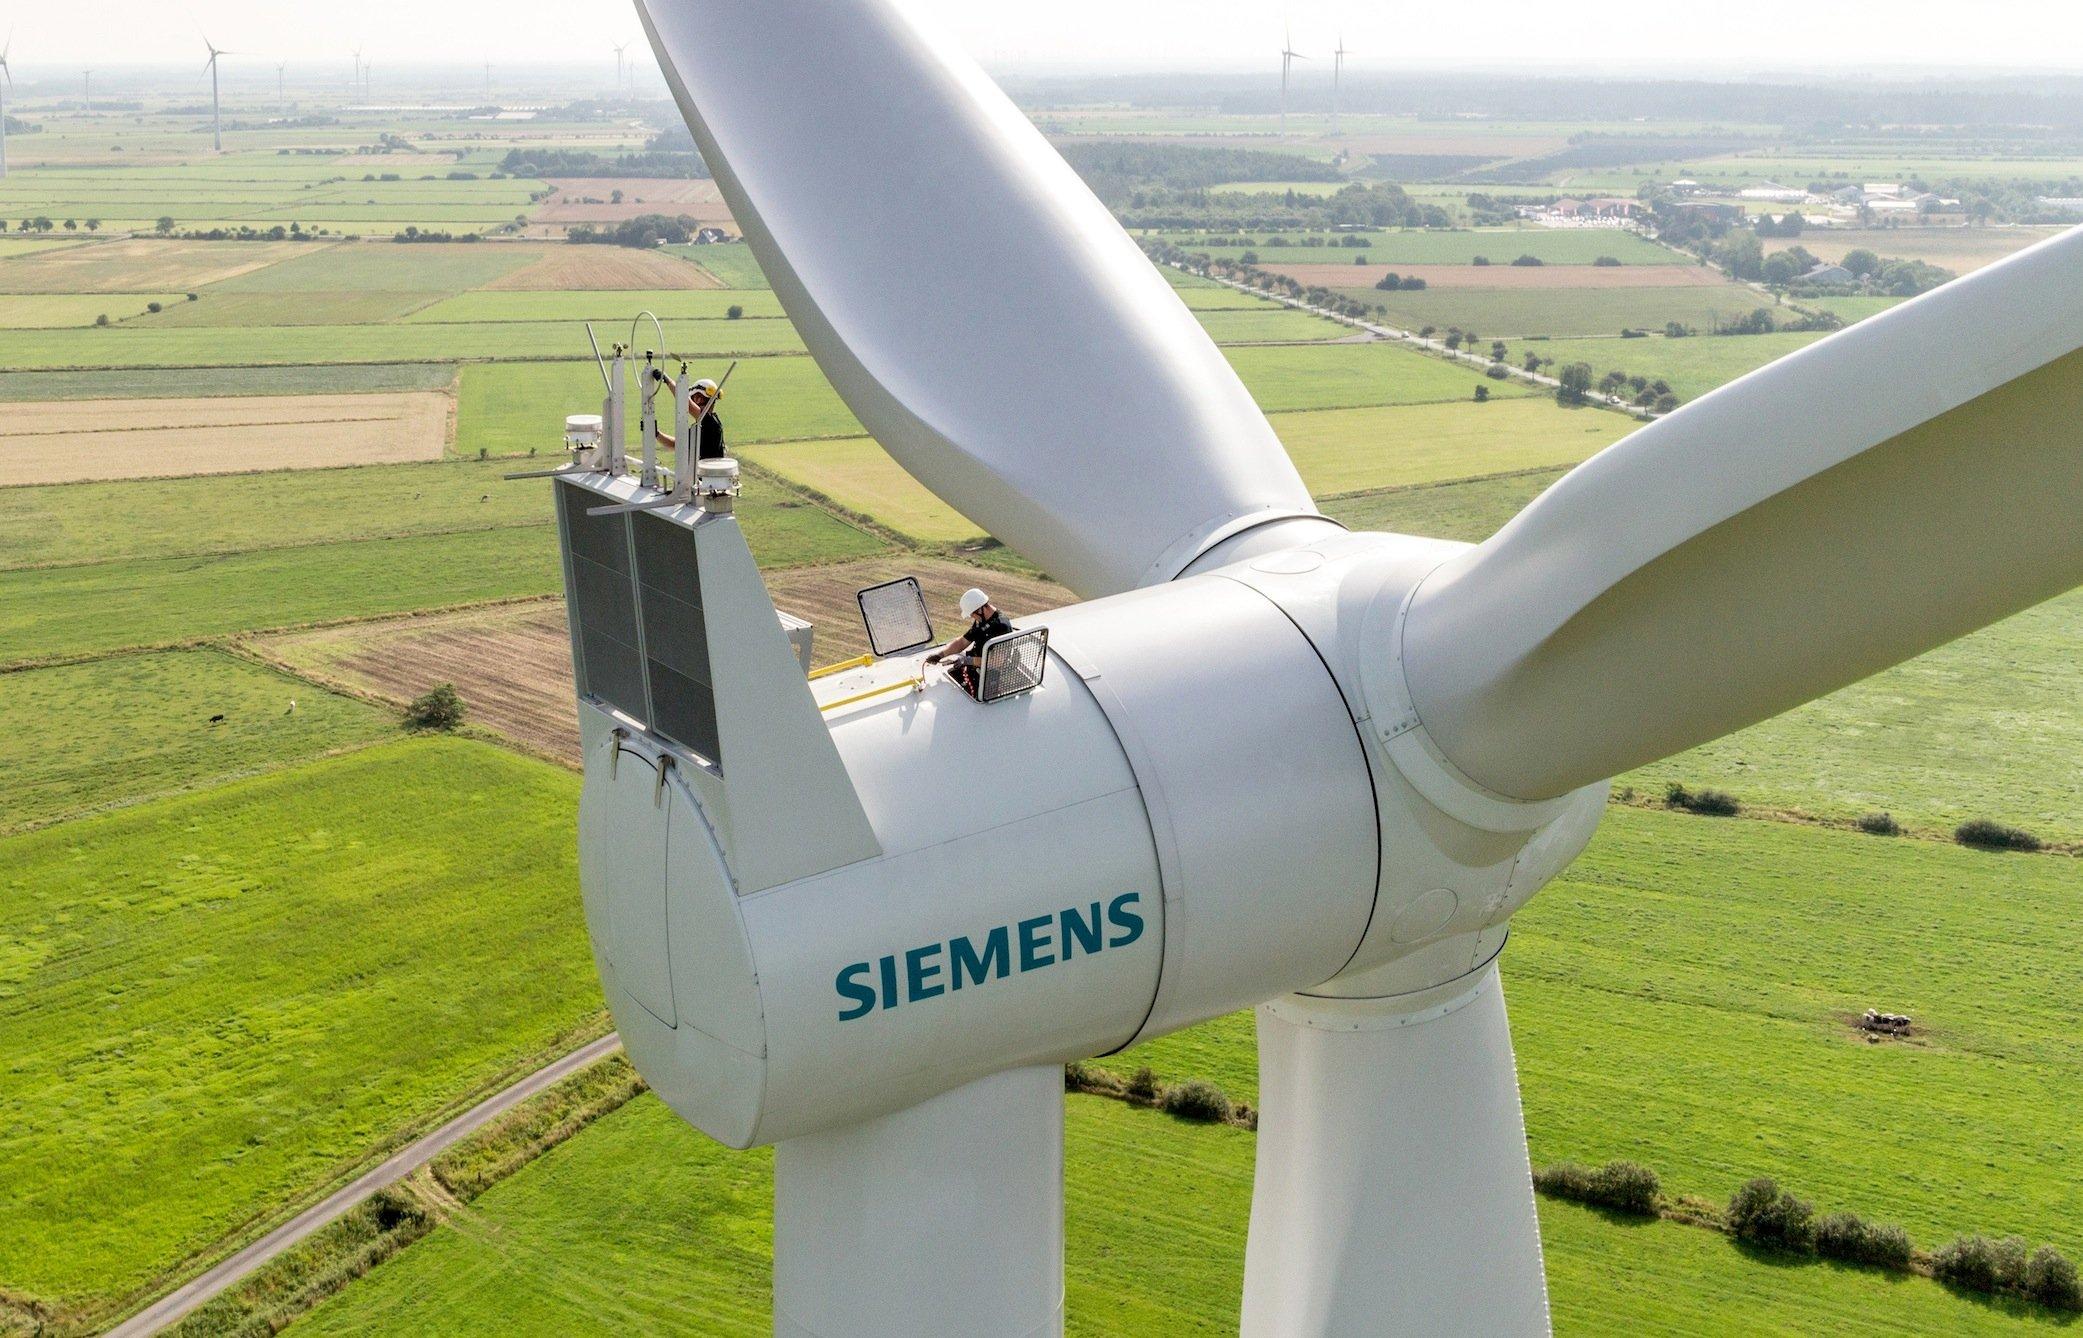 Siemens steigt gemeinsam mitGamesa, dem größten spanischen Windturbinenhersteller, zur weltweiten Nr. 1 auf: Im Bild zu sehen ist einegetriebelose Siemens-Anlagen im Onshore-Windkraftwerk Clyde in Schottland.